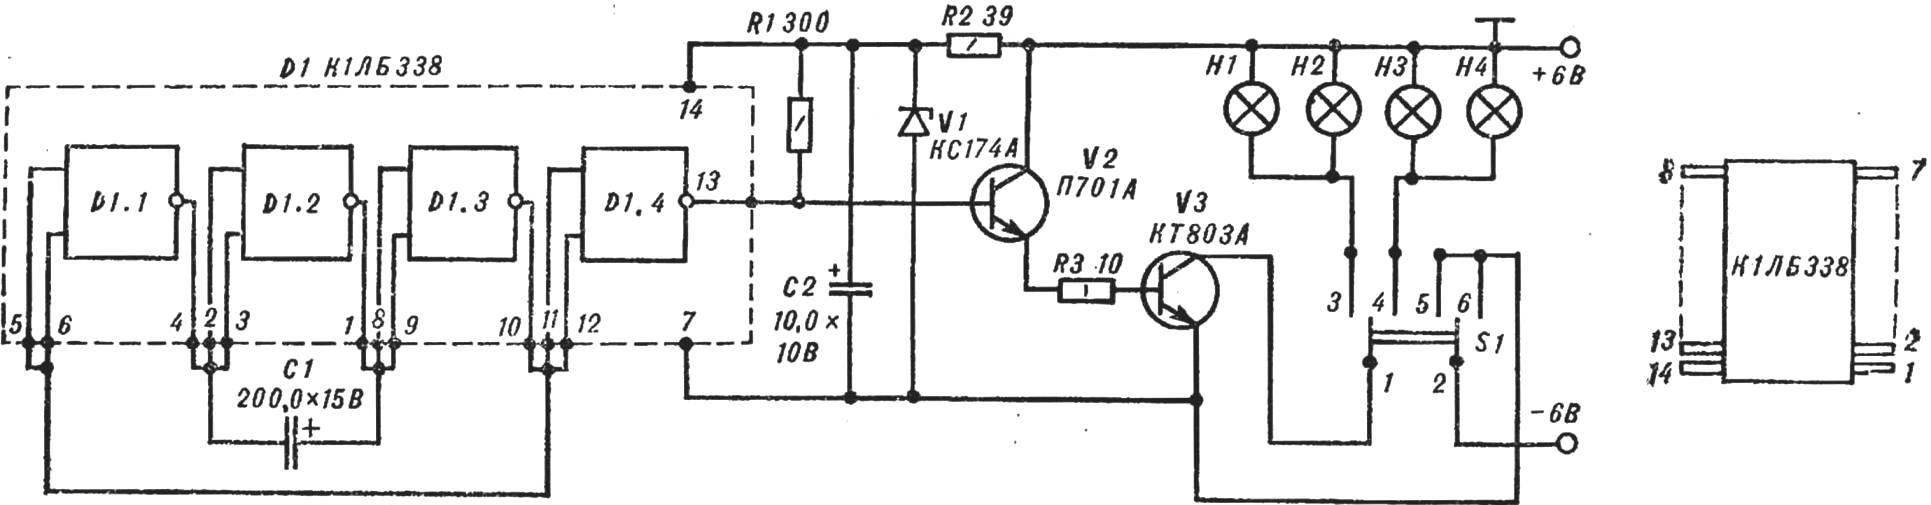 Рис. 1. Принципиальная схема указателя поворотов.